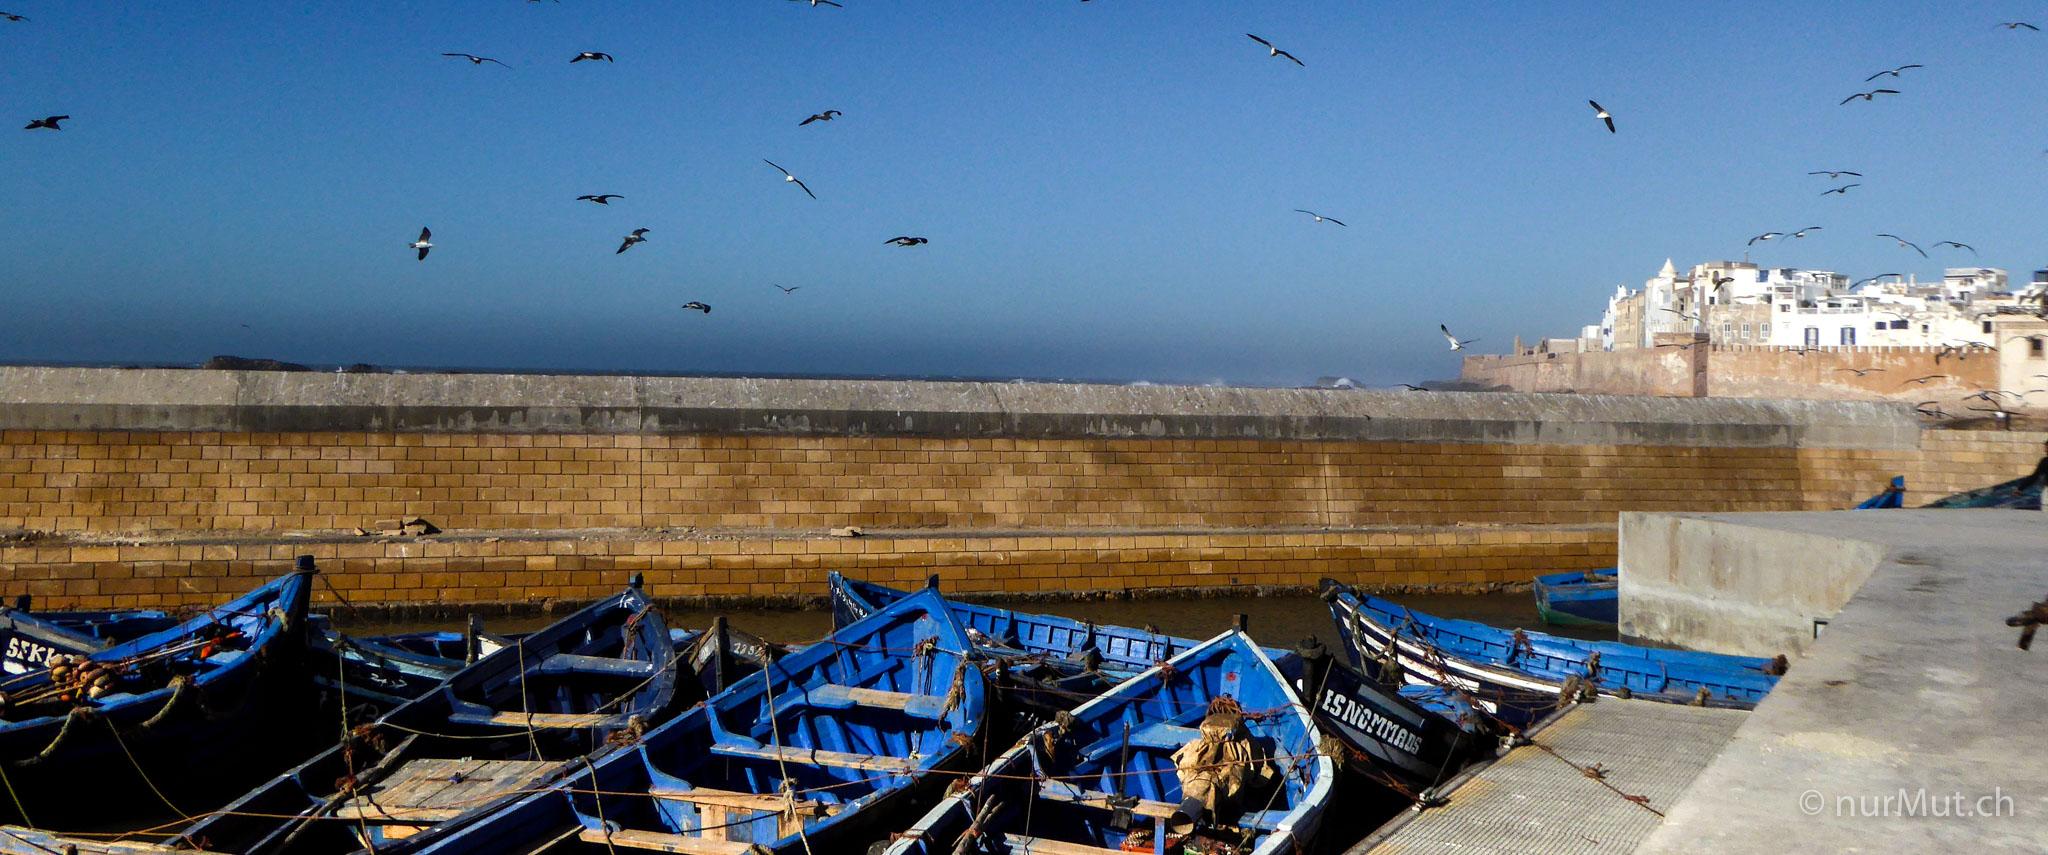 marokkanische Berber-essaouira-marokko-hafen-fischerboote marokko